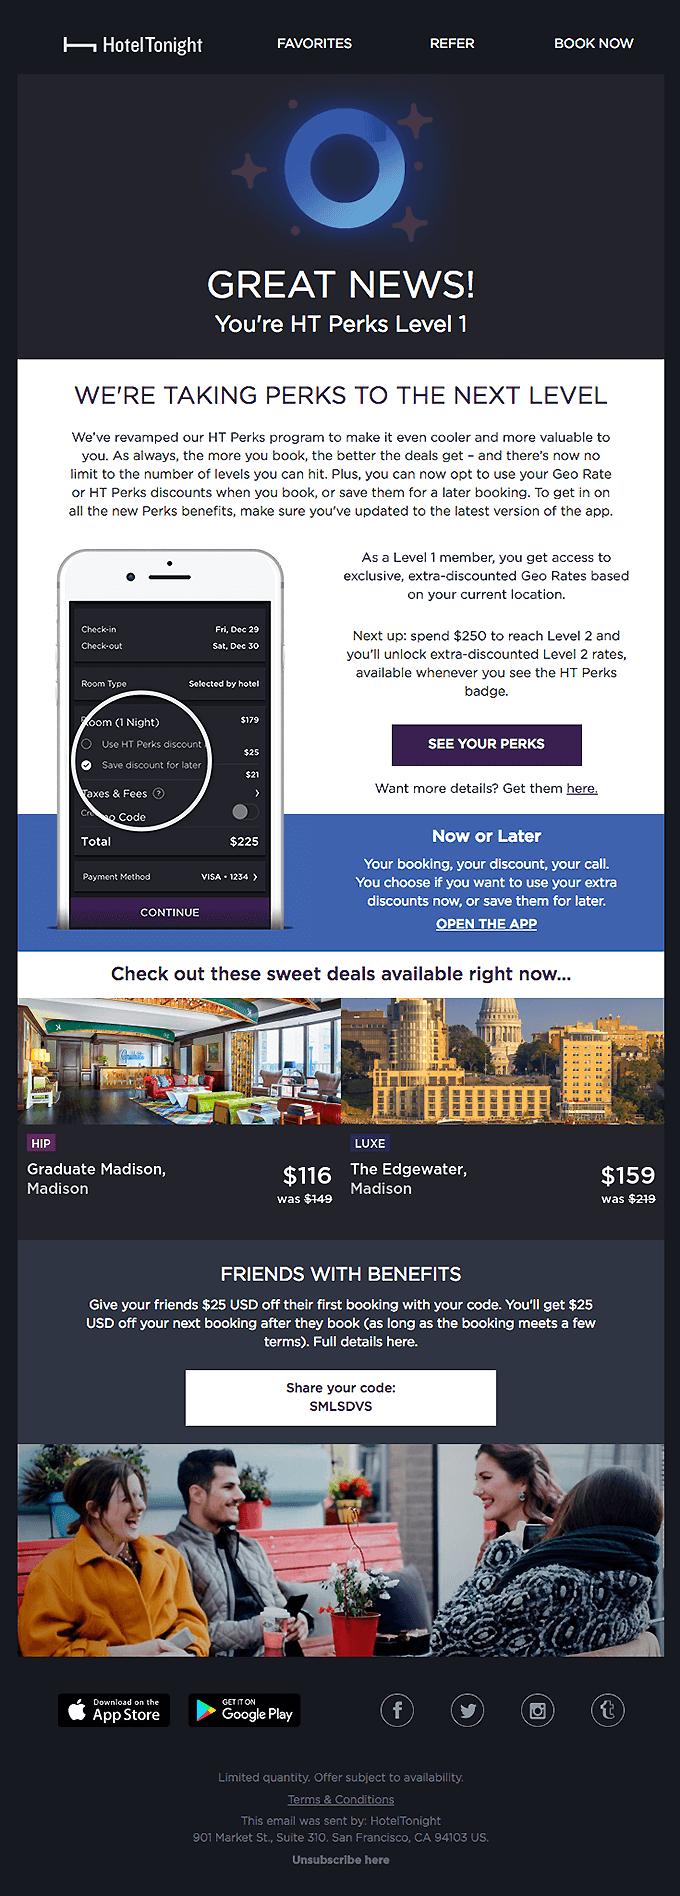 Personalizacija na bazi navika potrošača